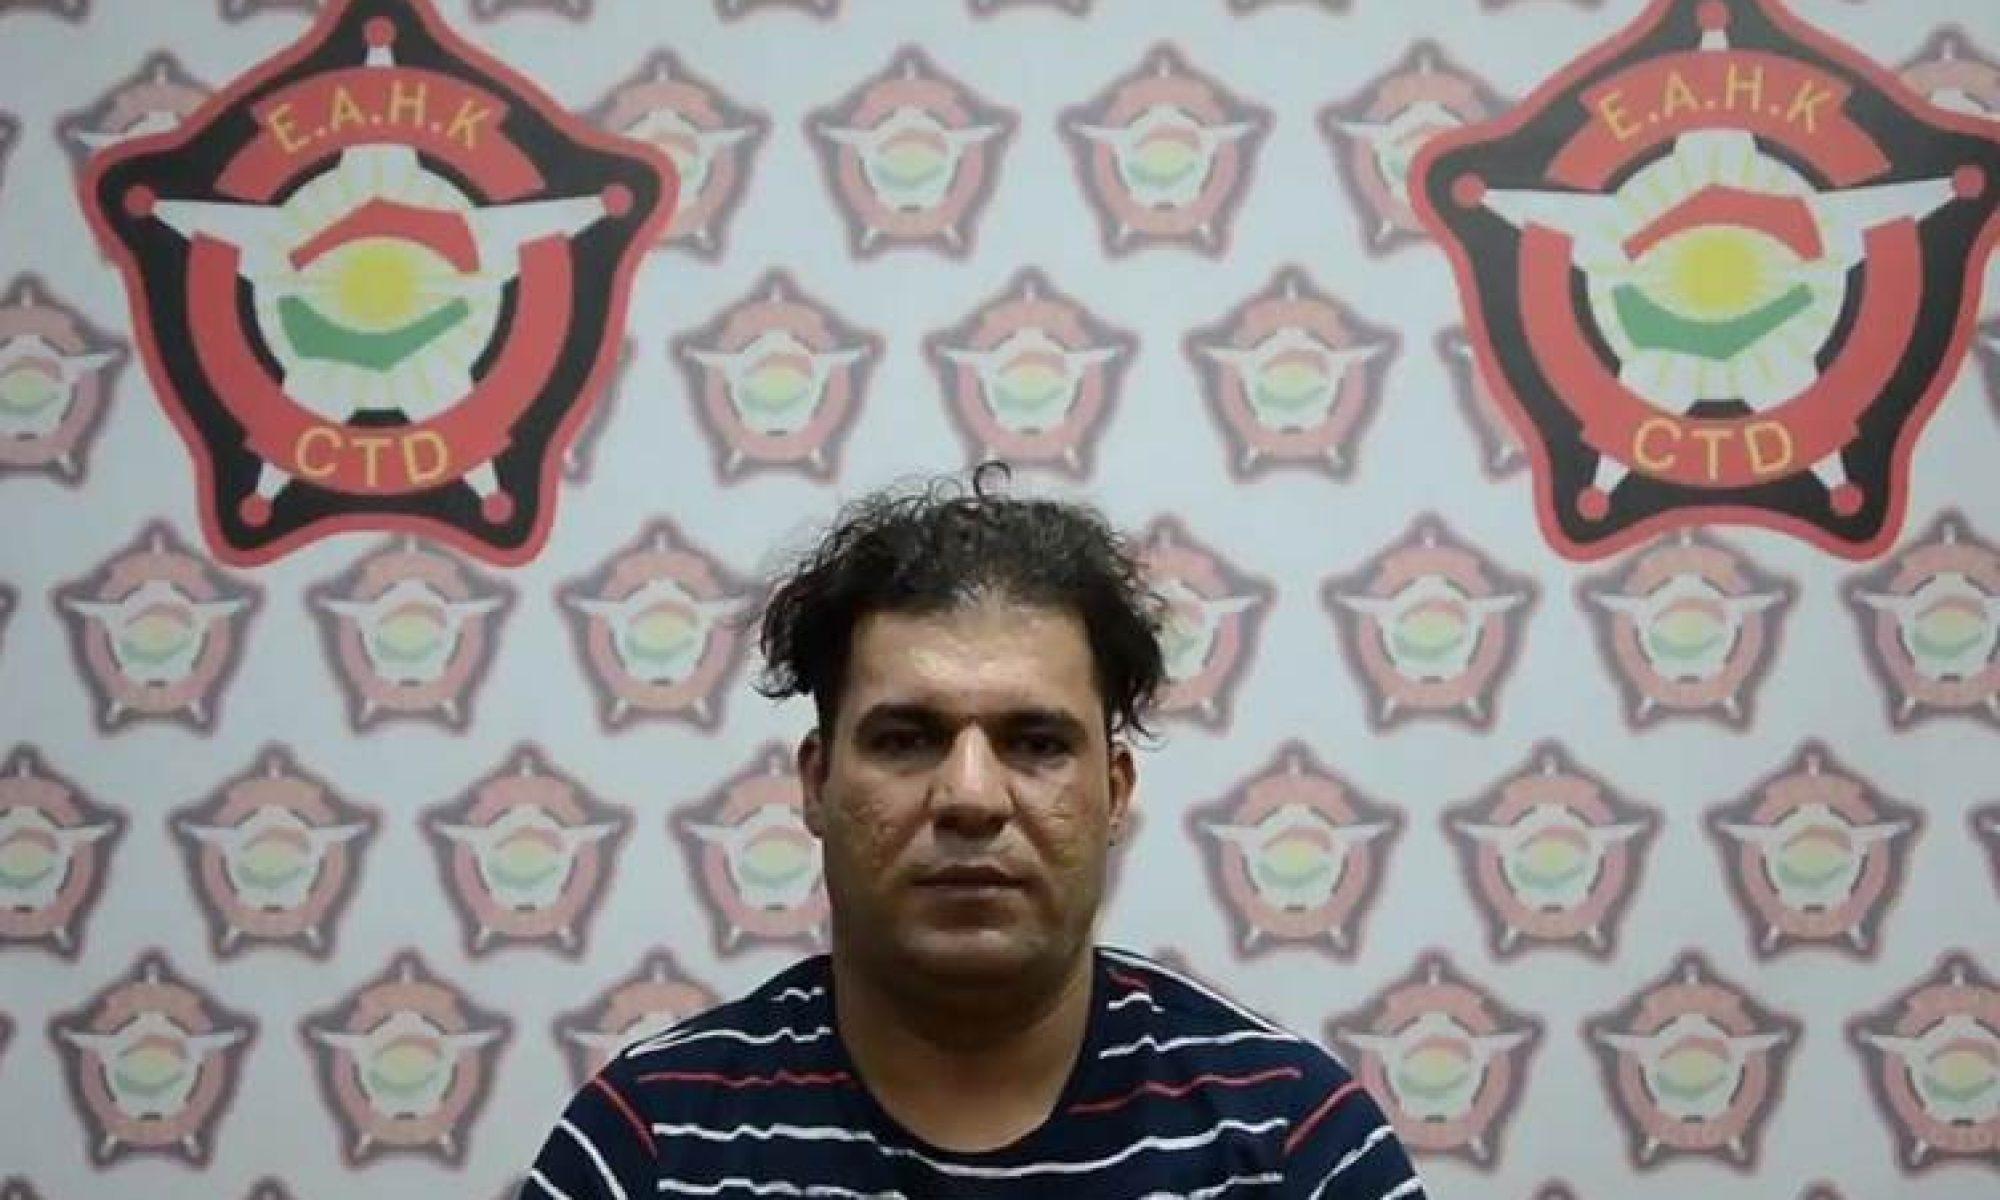 """Kürdistan Bağdat'taki Kürt ailenin katili Erbil'de yakalandı Kurdistan24 -Türkçe Kurdistan24 -Türkçe  Bir saat önce Bağdat'taki Kürt ailenin katili Erbil'de yakalandı Irak Kürdistan Bölgesi ERBİL (K24) – Irak'ın başkenti Bağdat'ta bir Kürt ailenin 3 üyesinin başını keserek infaz eden katil, Kürdistan Antiterör timleri tarafından yakalandı. Kürdistan Antiterör tarafından yapılan açıklamada, Bağdat'taki Kürt bir ailenin 3 üyesini katleden Mehdi Hüseyin Nasır Meter'in Erbil'de yakalandığı belirtildi. Söz konusu katilin, Erbil'de saklandığı ve Erbil Asayiş Müdürlüğü tarafından takibe alınıp yakalandığı ifade edildi. 1984 Bağdat doğumlu olan ve suçunu itiraf eden Meter, Irak İçişleri Bakanlığı personeli olduğunu ve Rusya Büyükelçiliği'nin güvenlik görevini yürüttüğünü ifade etti. İnfaz ettiği Dara Rauf'u 4 yıldır tanıdığını söyleyen Meter, borçlu olup para ihtiyacı olduğu için 2 gün önce Rauf'un yanına gidip para istediğini kaydederek, """"Parasının olmadığını söyledi. Yakınımda bir bıçak vardı. Bıçağı alıp ona vurdum"""" dedi. Cinayeti işledikten sonra şoka girdiğini ve cesedi saklamak istediğini iddia eden Meter, ardından Rauf'un eşinin geldiğini ve çığlık atmaya başladığını sildirdi. Meter, Rauf'un eşini de infaz ettiğini, ardından Şilan'ın geldiğini ve onu da infaz ettiğini itiraf etti. Cinayetin ardından şahsi aracıyla yurtdışına çıkmak için Erbil'e geldiğini kaydeden Meter, işlemlerini yapıp Türkiye'ye geçmek istediğini ifade etti. BAĞDAT'TAKİ VAHŞİ CİNAYET Geçtiğimiz Pazartesi akşamı Irak'ın başkenti Bağdat'ta bir Kürt ailenin 3 üyesi başları kesilerek infaz edilmişti. Irak medyasında yer alan habere göre Şilan Dara isimli üniversite öğrencisi ile annesi Aliye Necmi ve babası Dara Rauf, dün gece kendi evlerinde başları kesilerek infaz edilmişti. Genç kızın tecavüze uğradığı ve ardından iki bacağının da kesildiği ortaya çıkmıştı."""